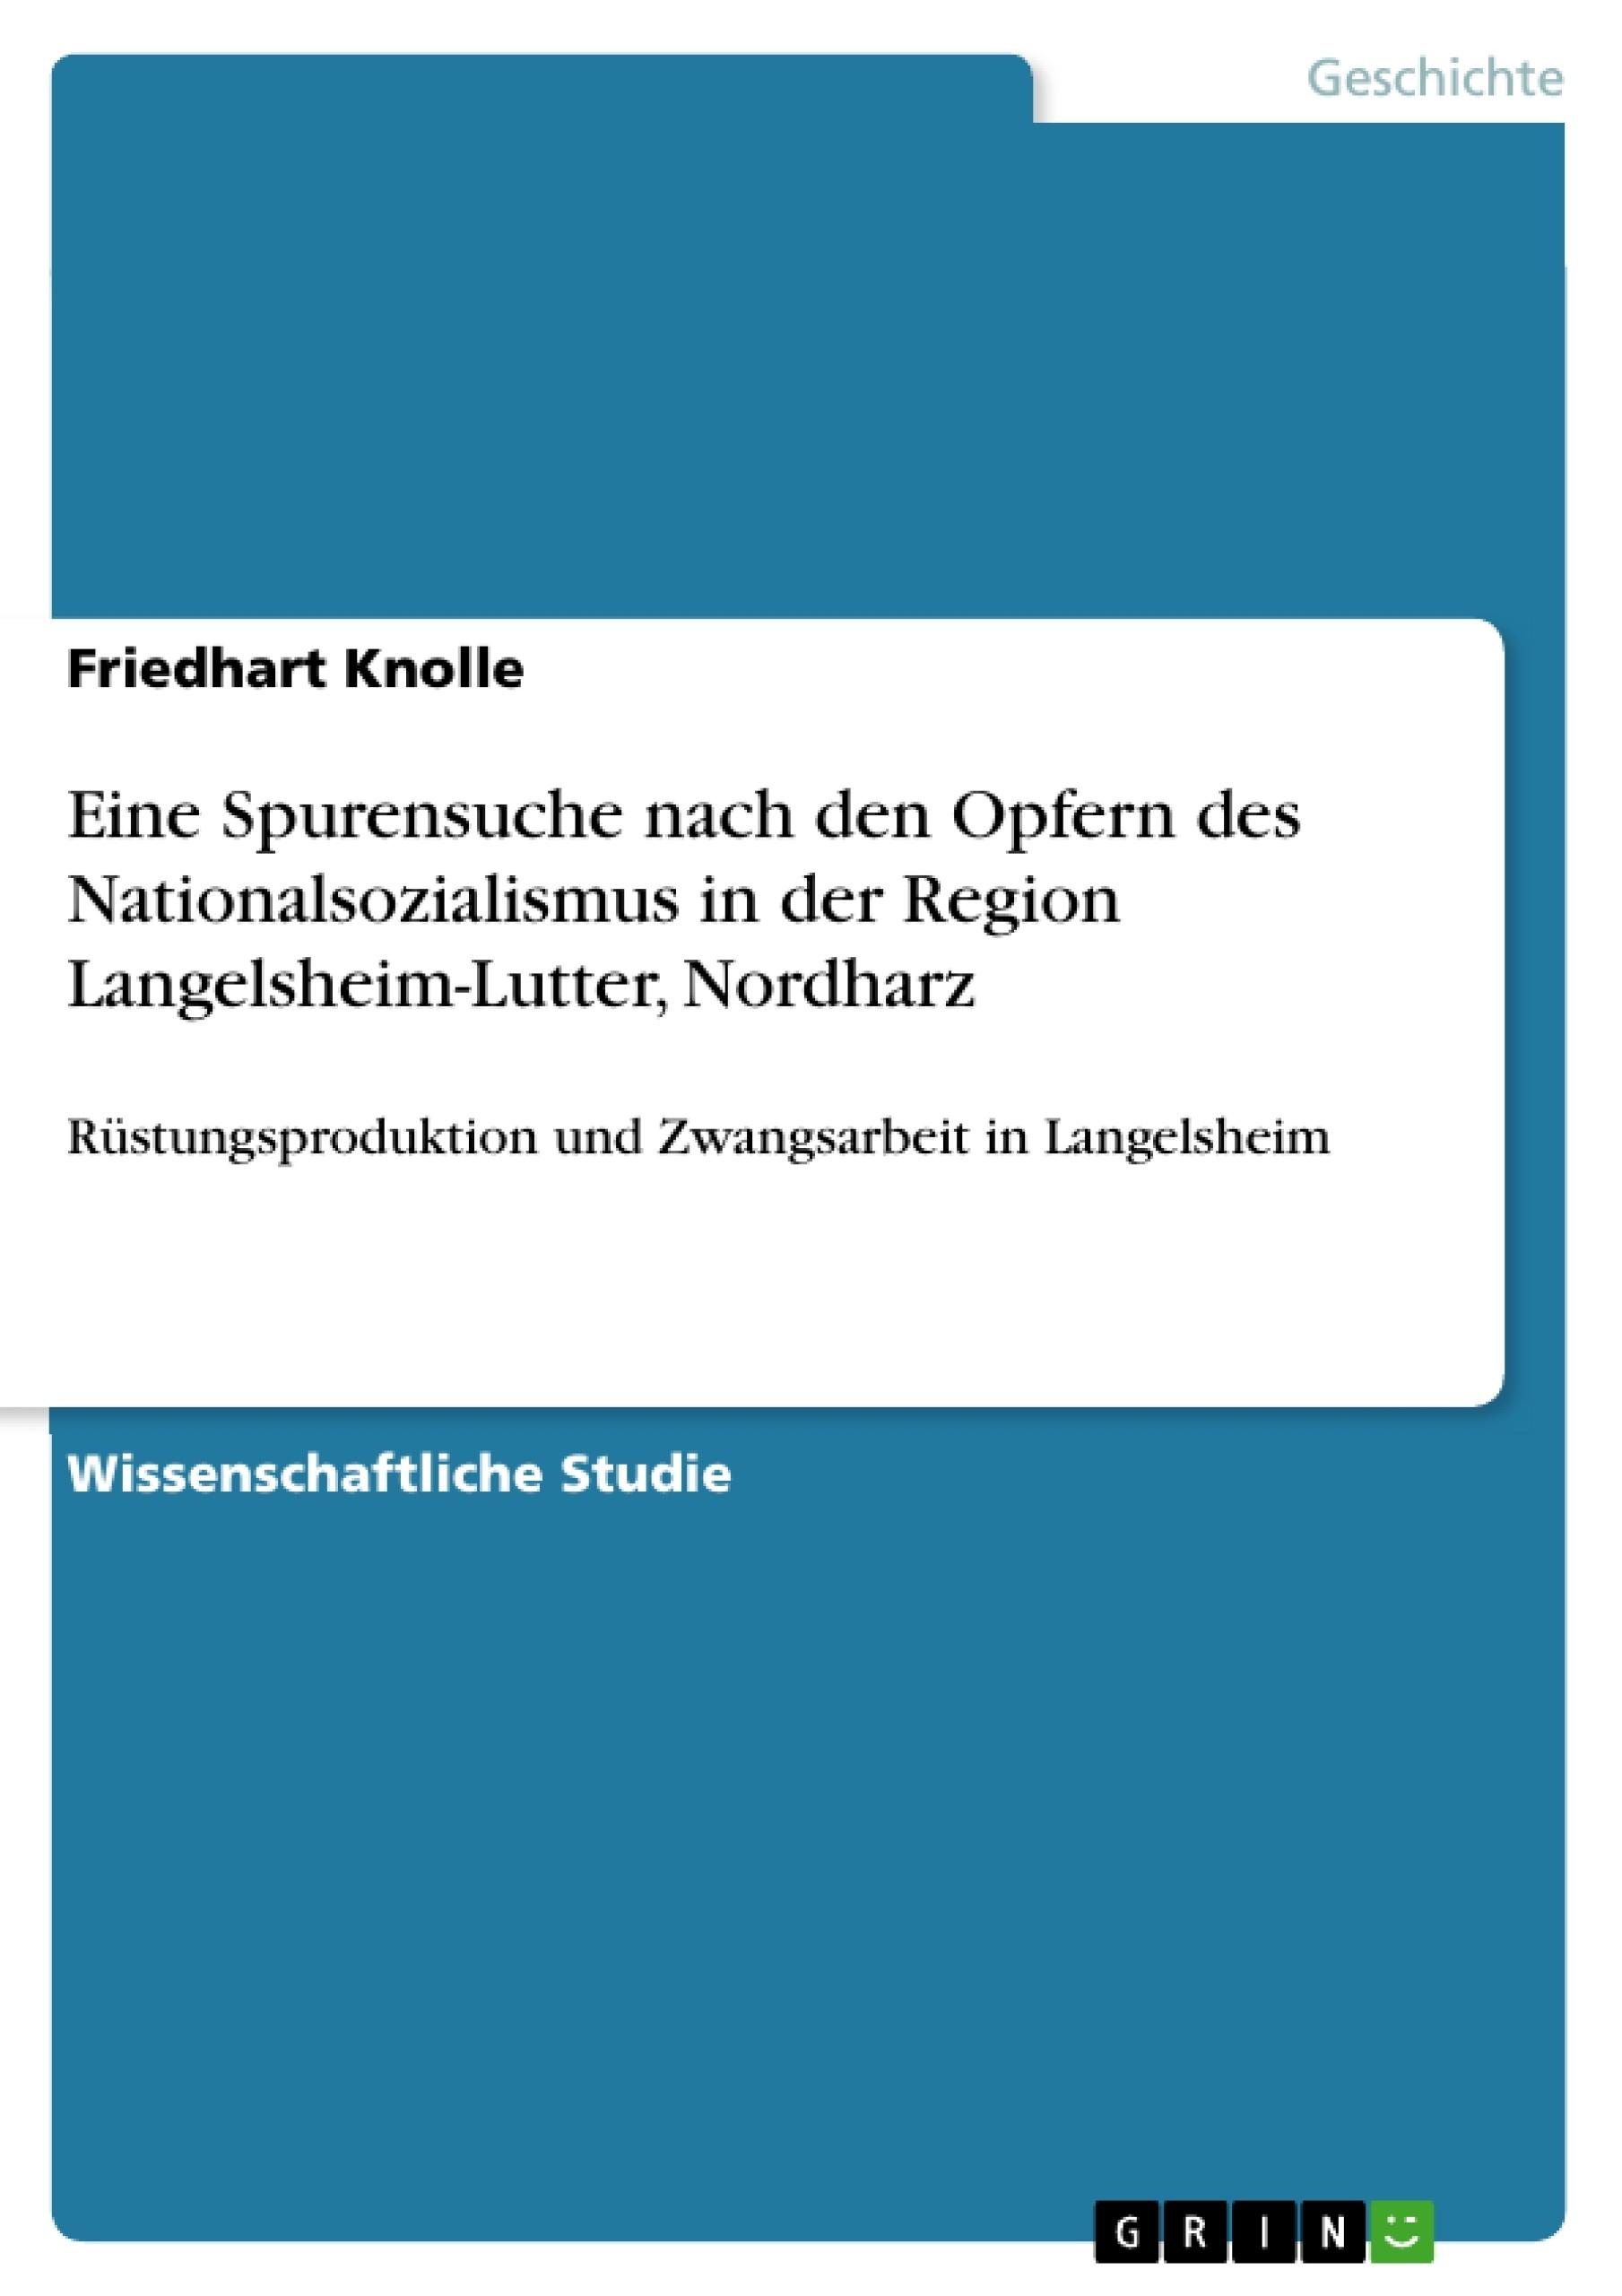 Titel: Eine Spurensuche nach den Opfern des Nationalsozialismus in der Region Langelsheim-Lutter, Nordharz